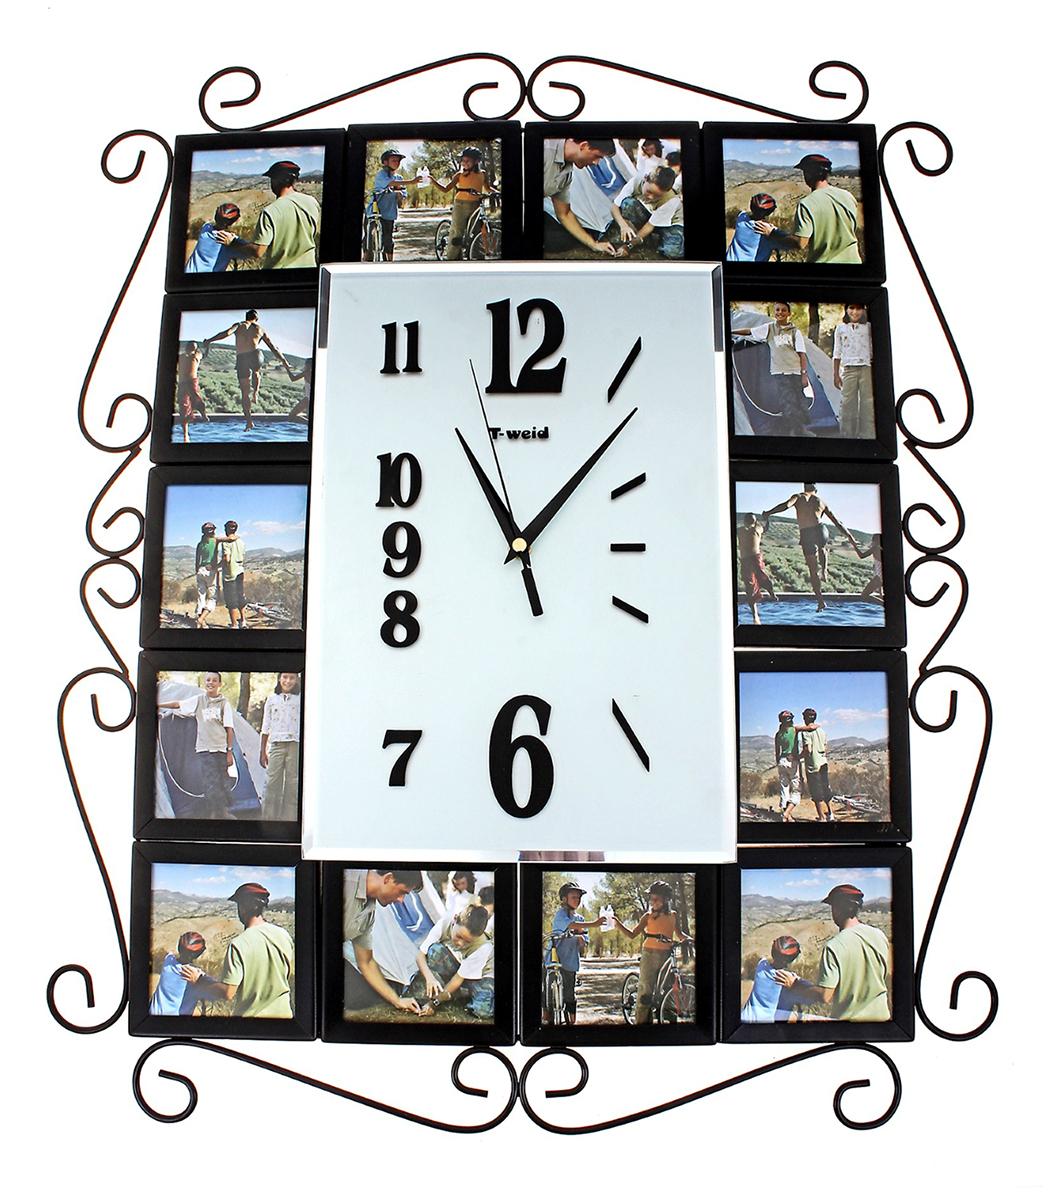 Часы настенные T-Weid Хайтек, 4 фоторамок 10х10, 47 х 58 см часы настенные t weid с фоторамками цвет белый 35 х 60 х 5 см